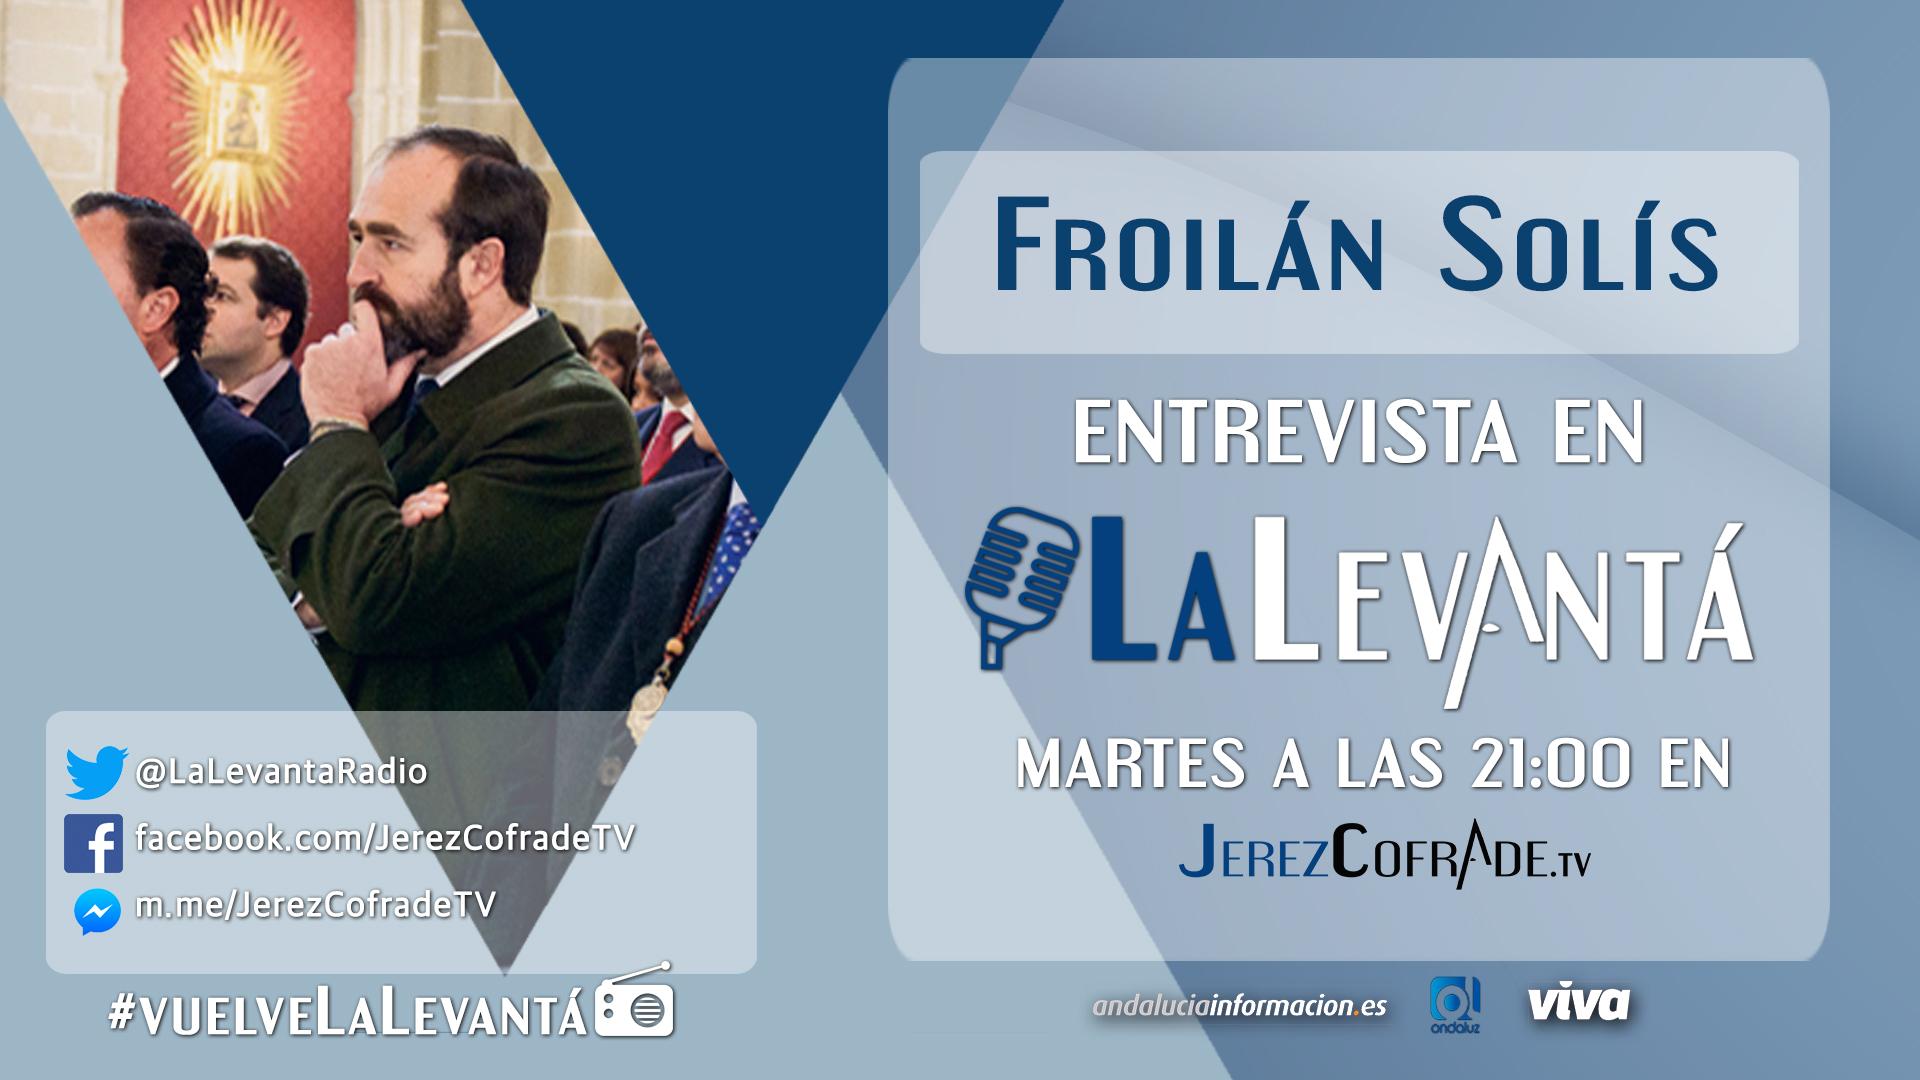 Froilan-Solis-Levanta